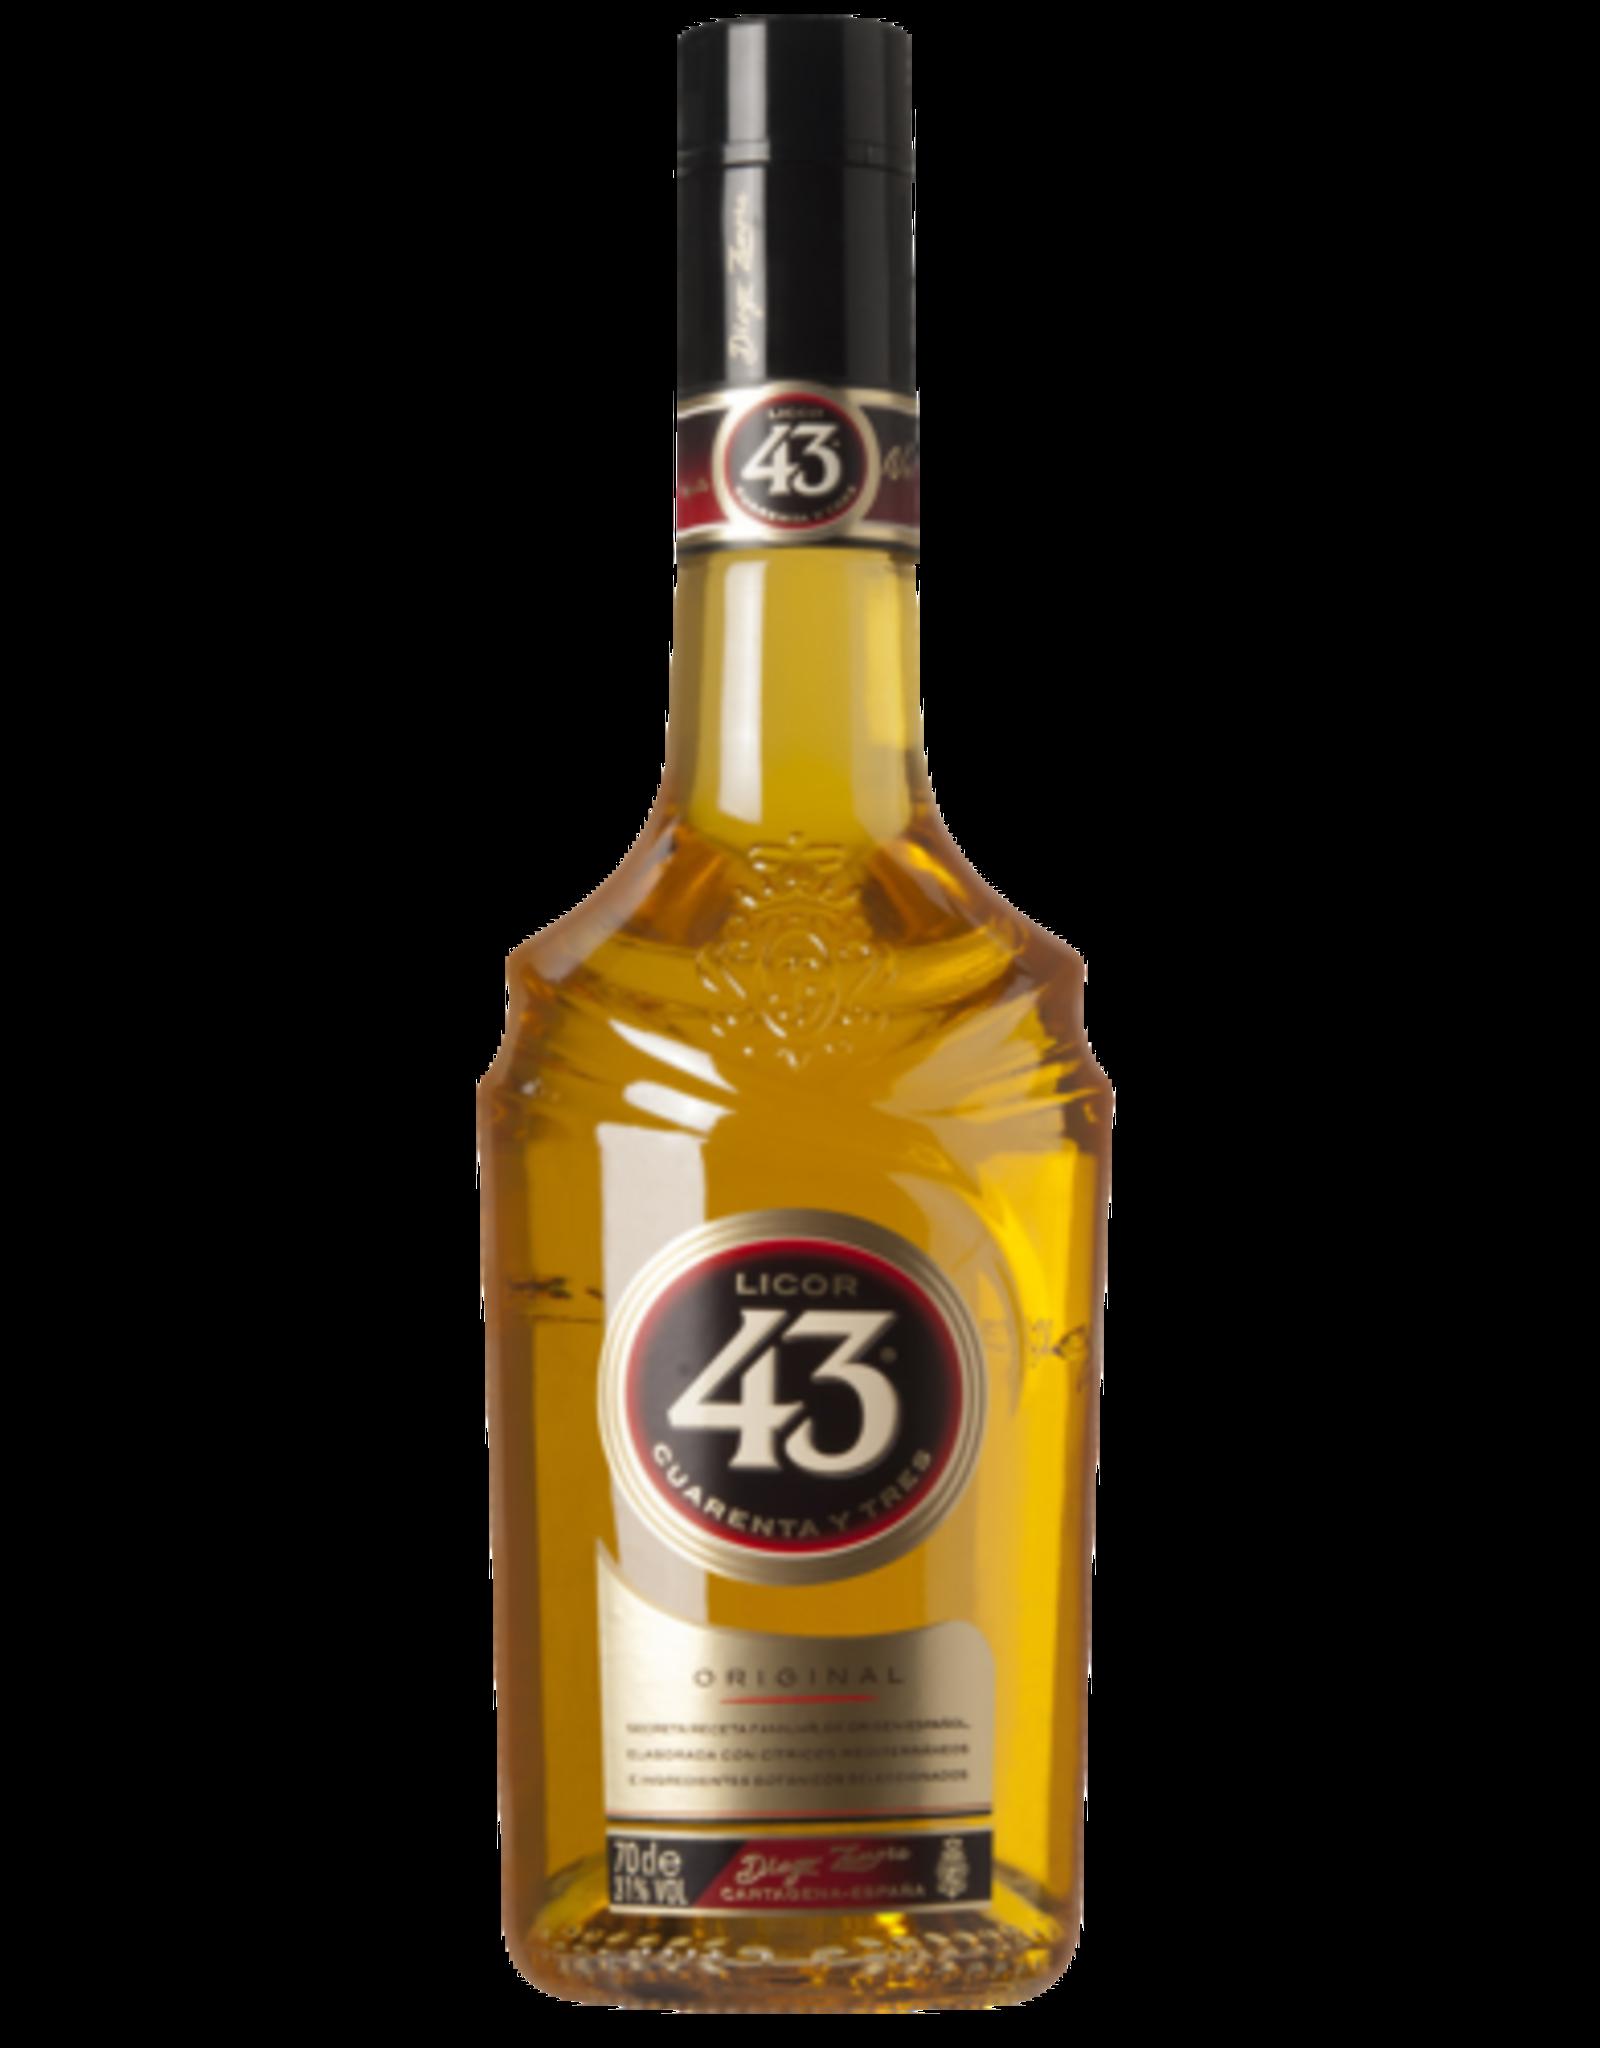 Licor Licor 43 70cl